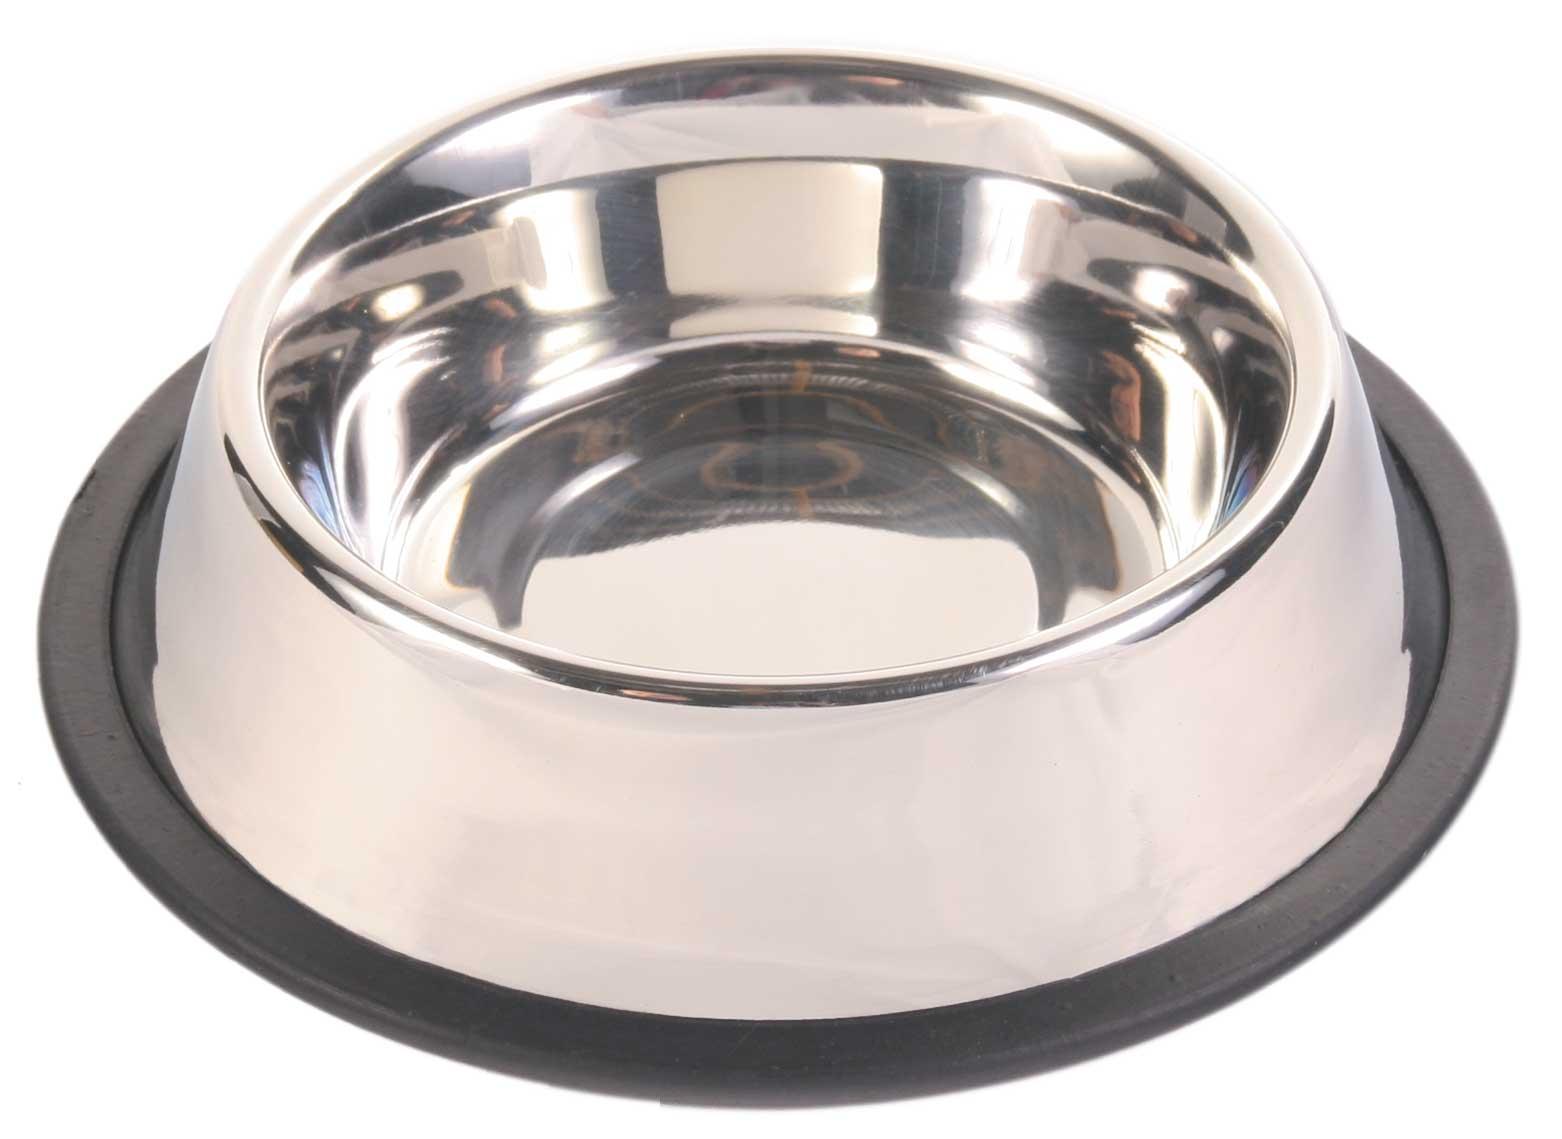 TRIXIE Edelstahlnapf, mit Gummiring TRIXIE Napf, Edelstahl/Gummiring, 0,45 l/ø 19 cm